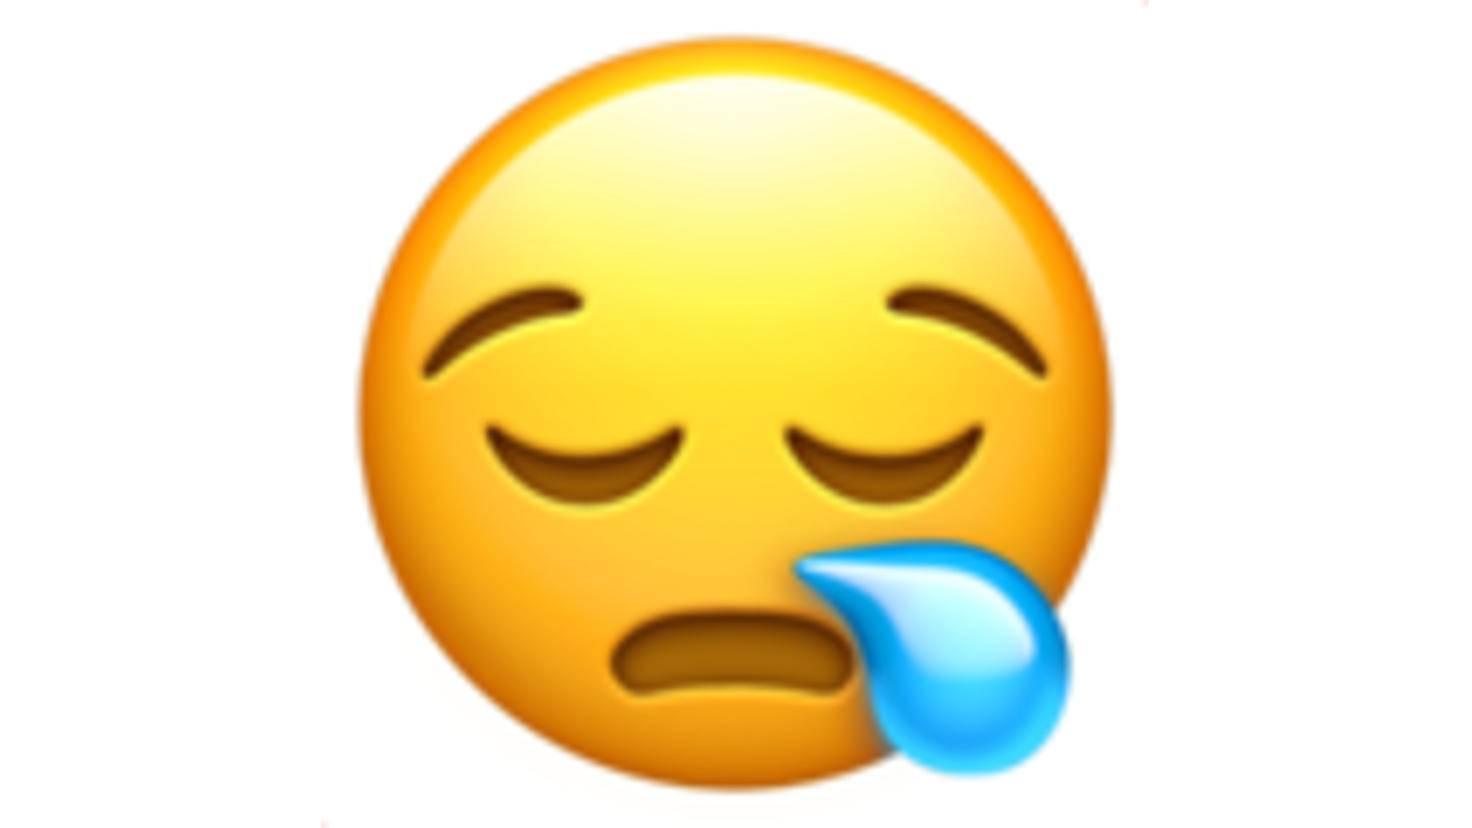 Müde-Emoji